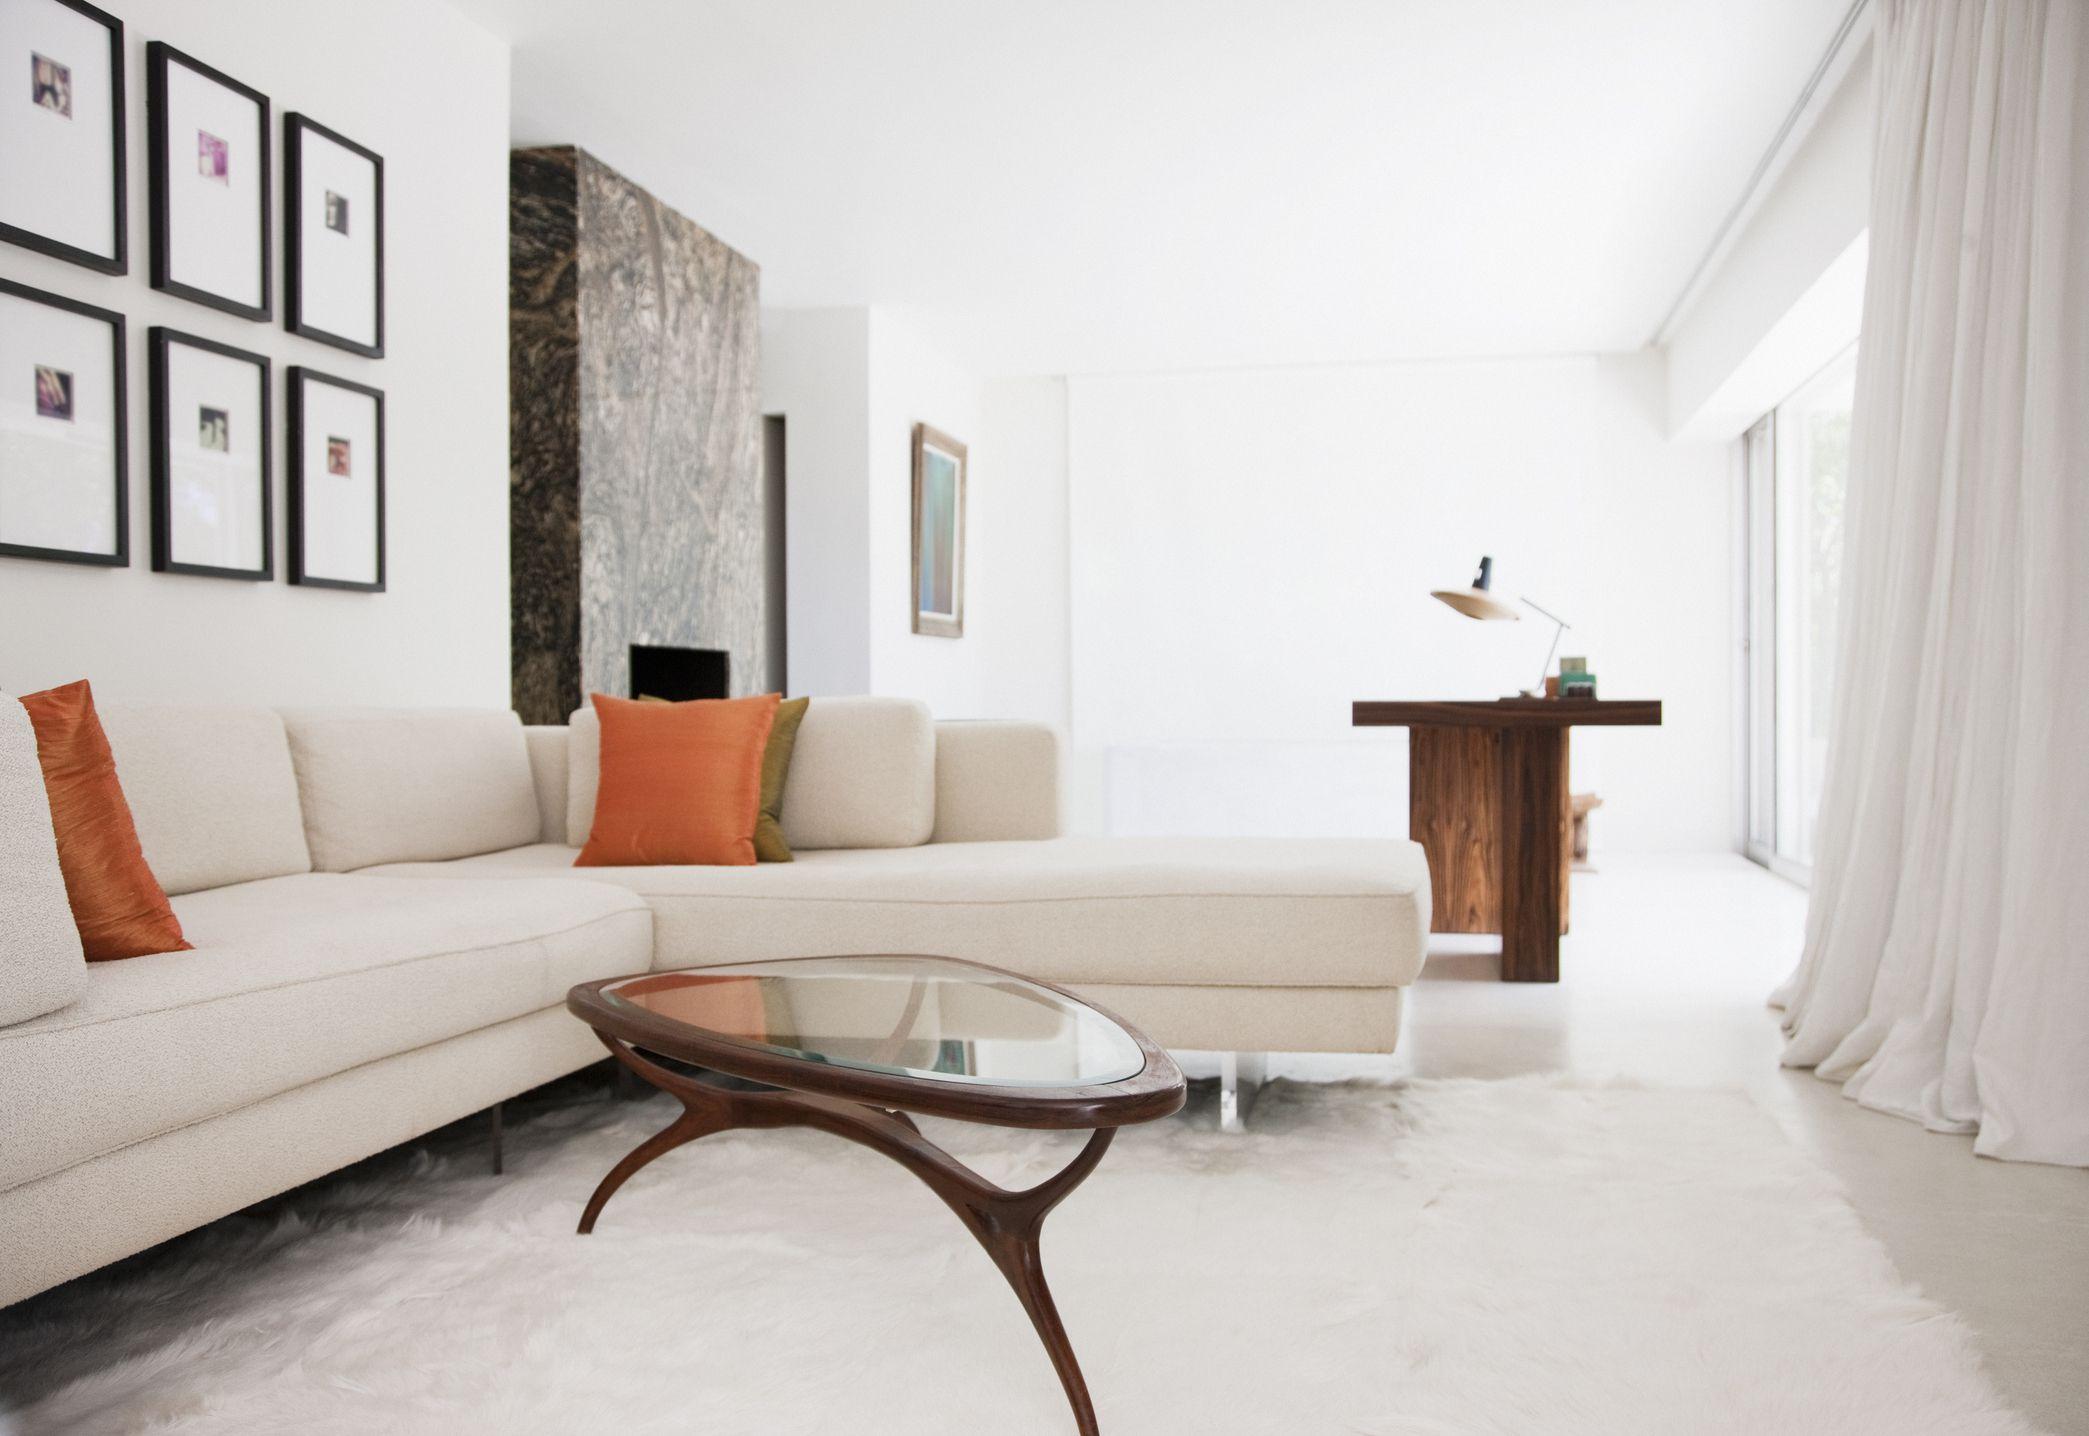 Mesa de centro o caf formas medidas y materiales - Mesas para el sofa ...